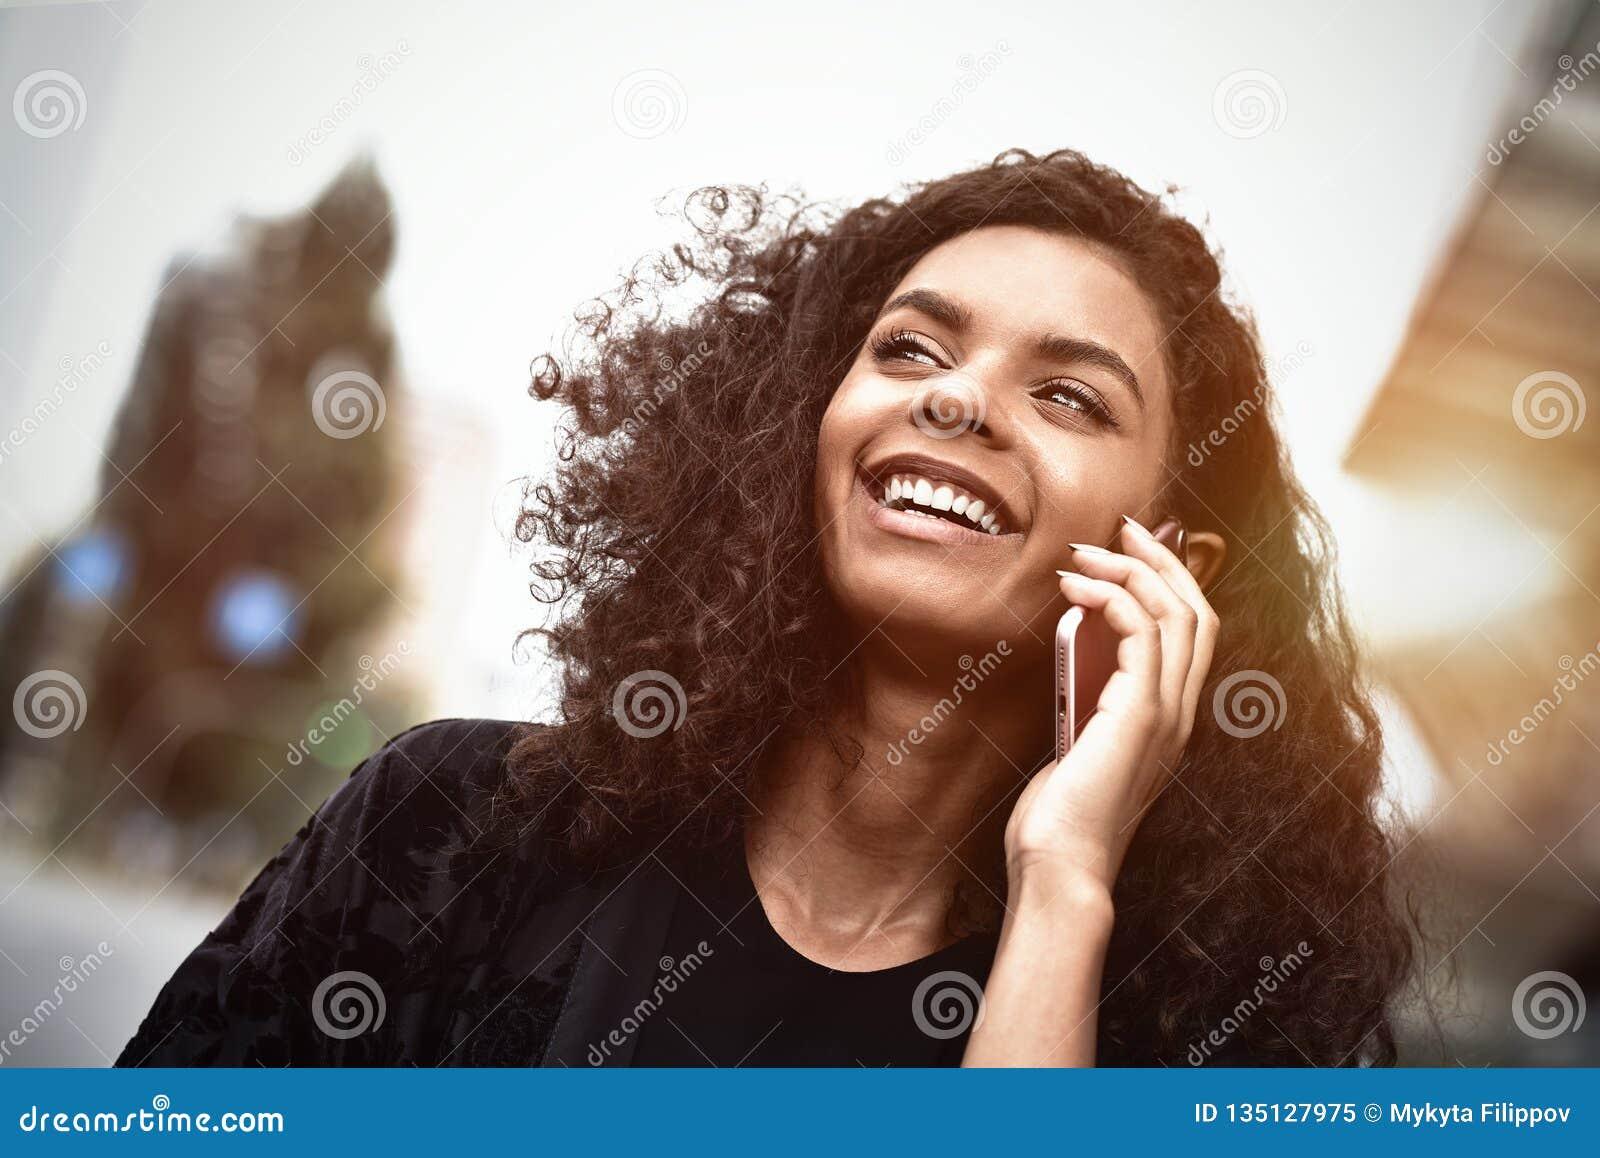 Positive Gefühle Enthalten Sie Steigungs- und Ausschnittsmaske Abschluss oben des jungen Mischrassefrauengebrauches ein Telefon